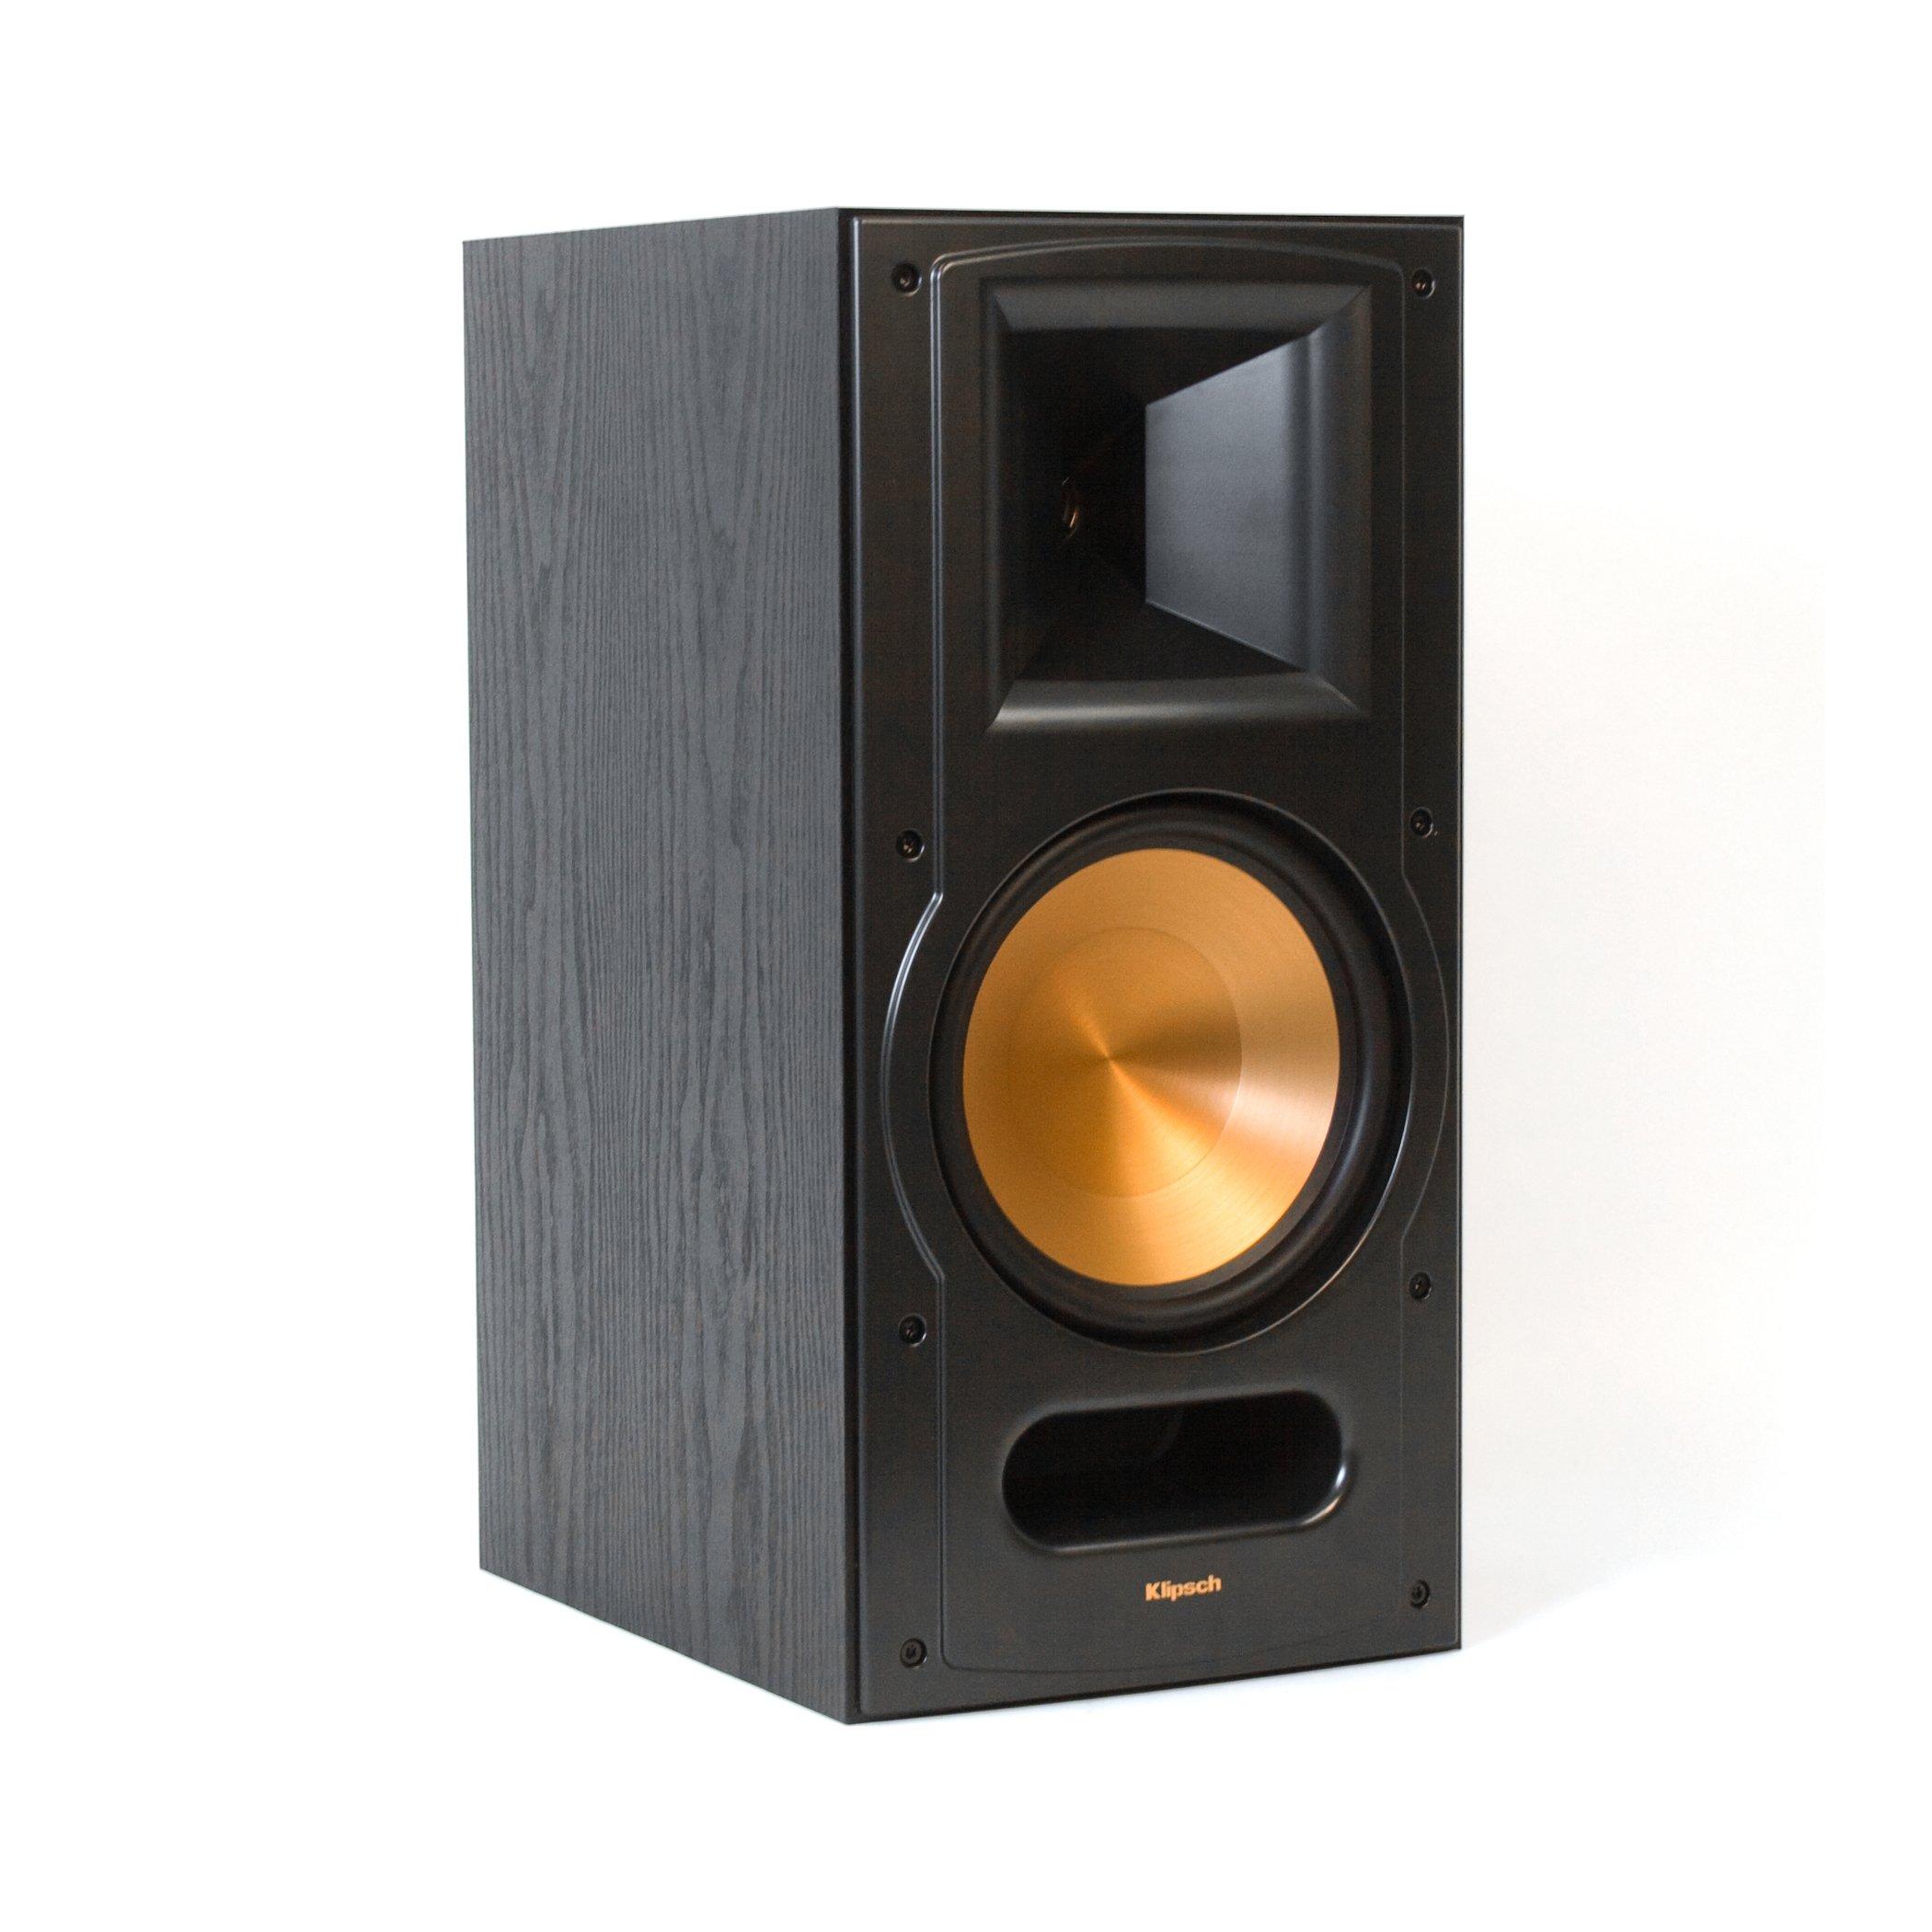 Klipsch RB-81 Reference II Two-Way Bookshelf Speaker - Black (Each) by Klipsch